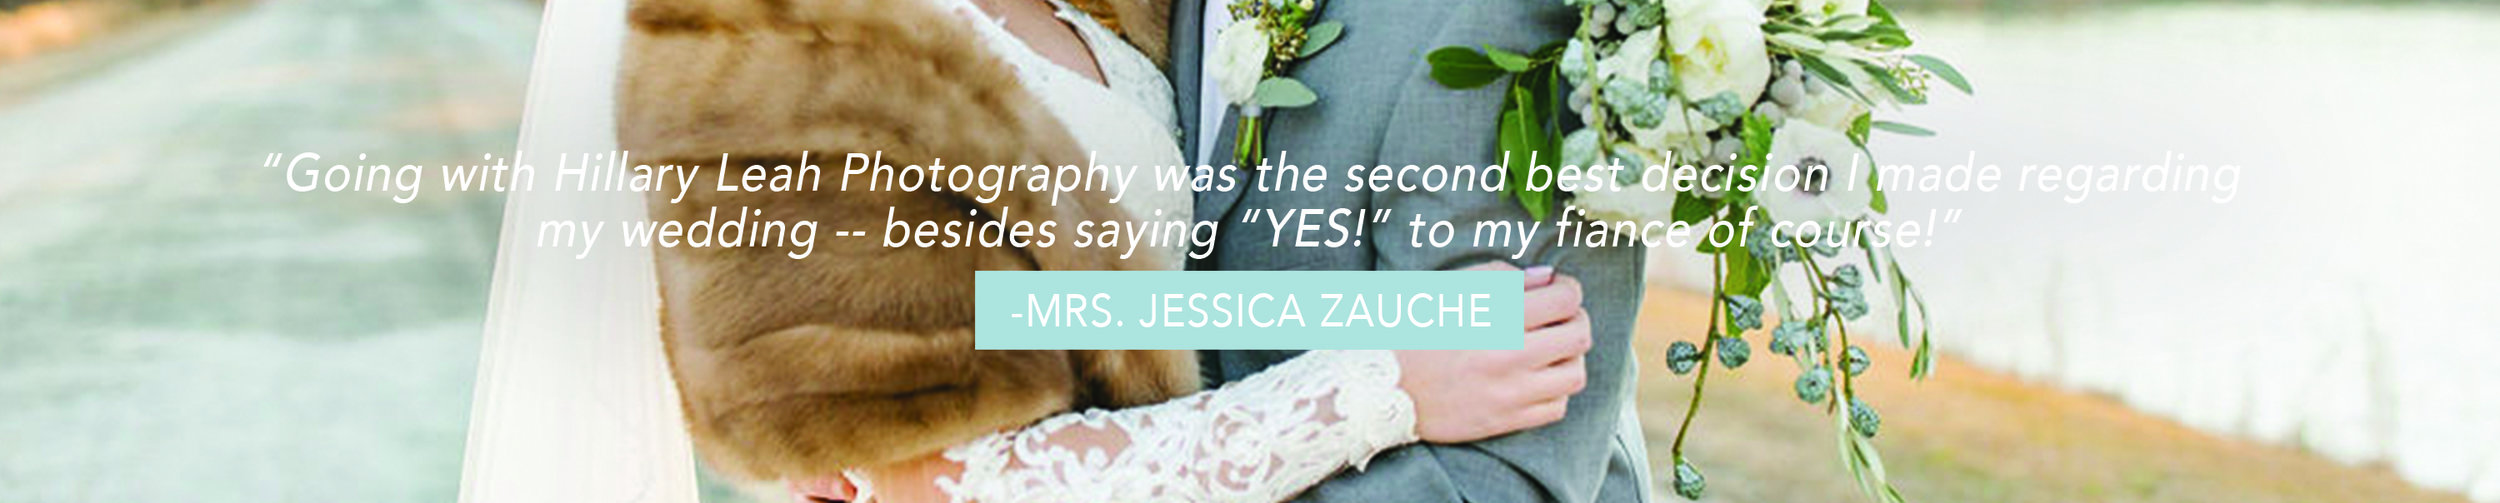 WeddingGallery.jpg